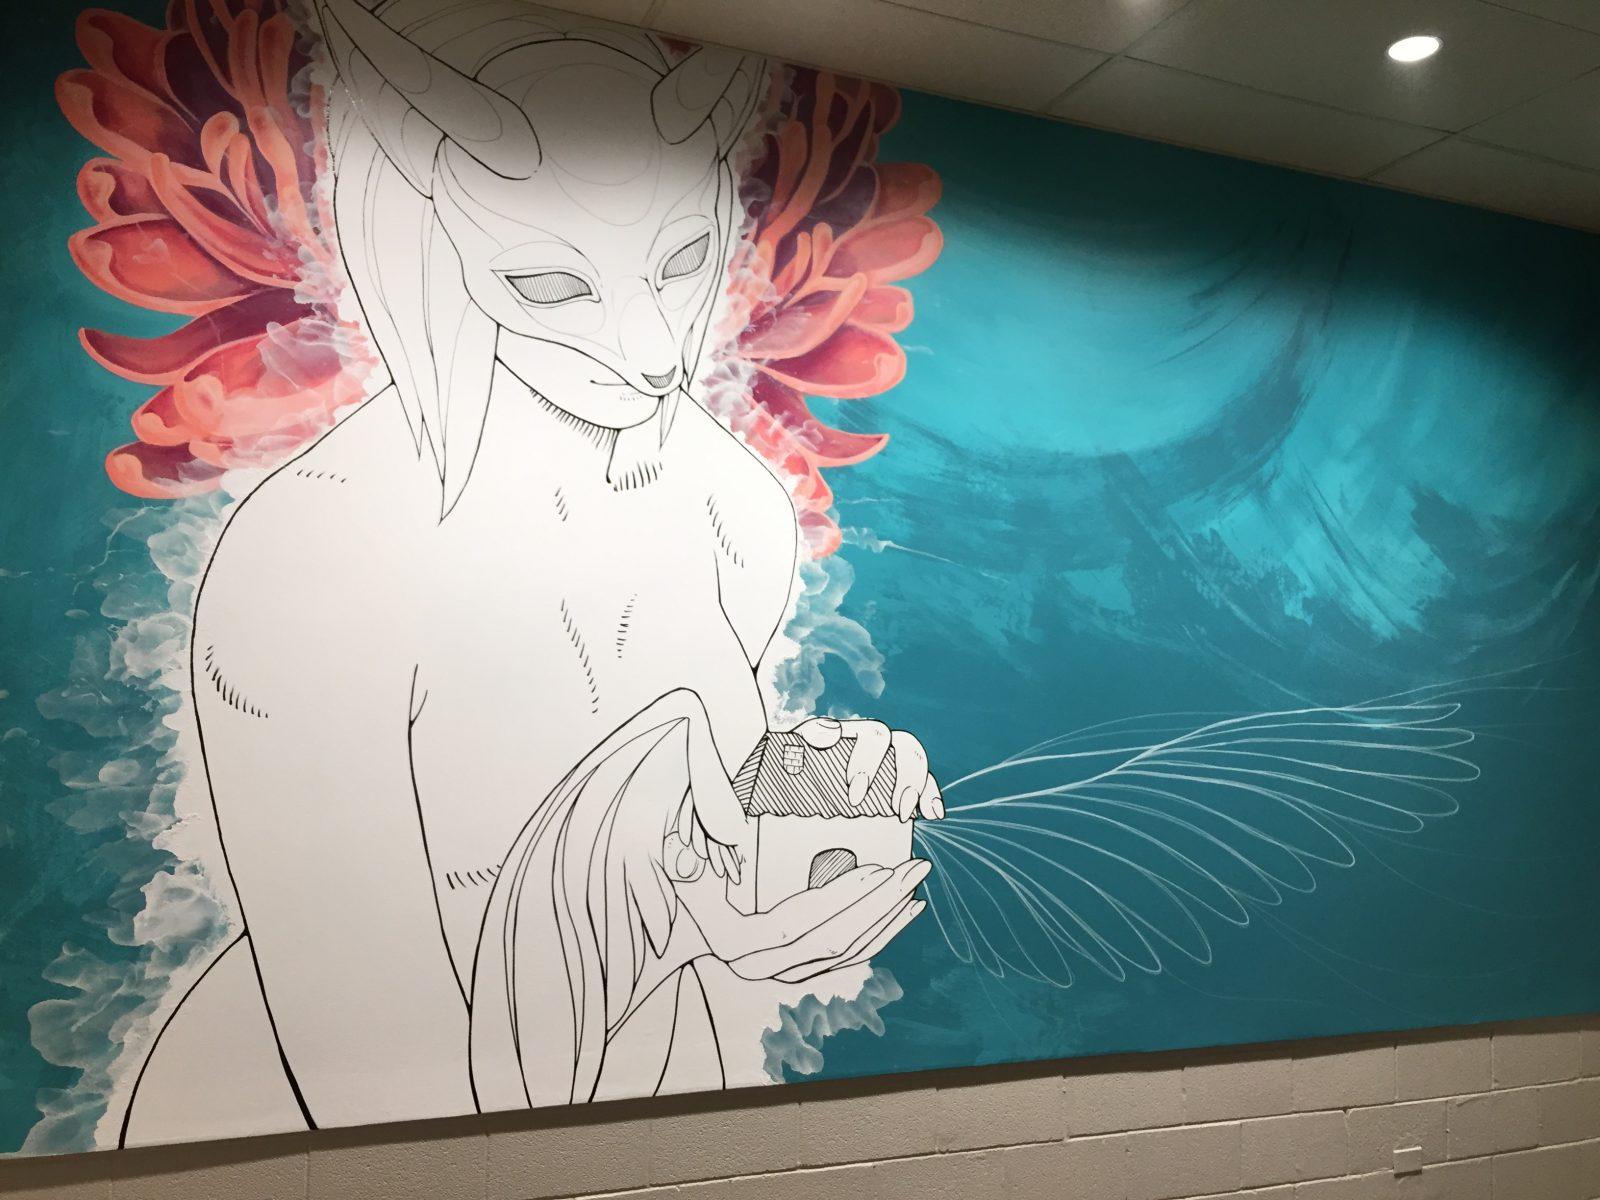 Le premier Art-tonik permet de récolter 22 000 $